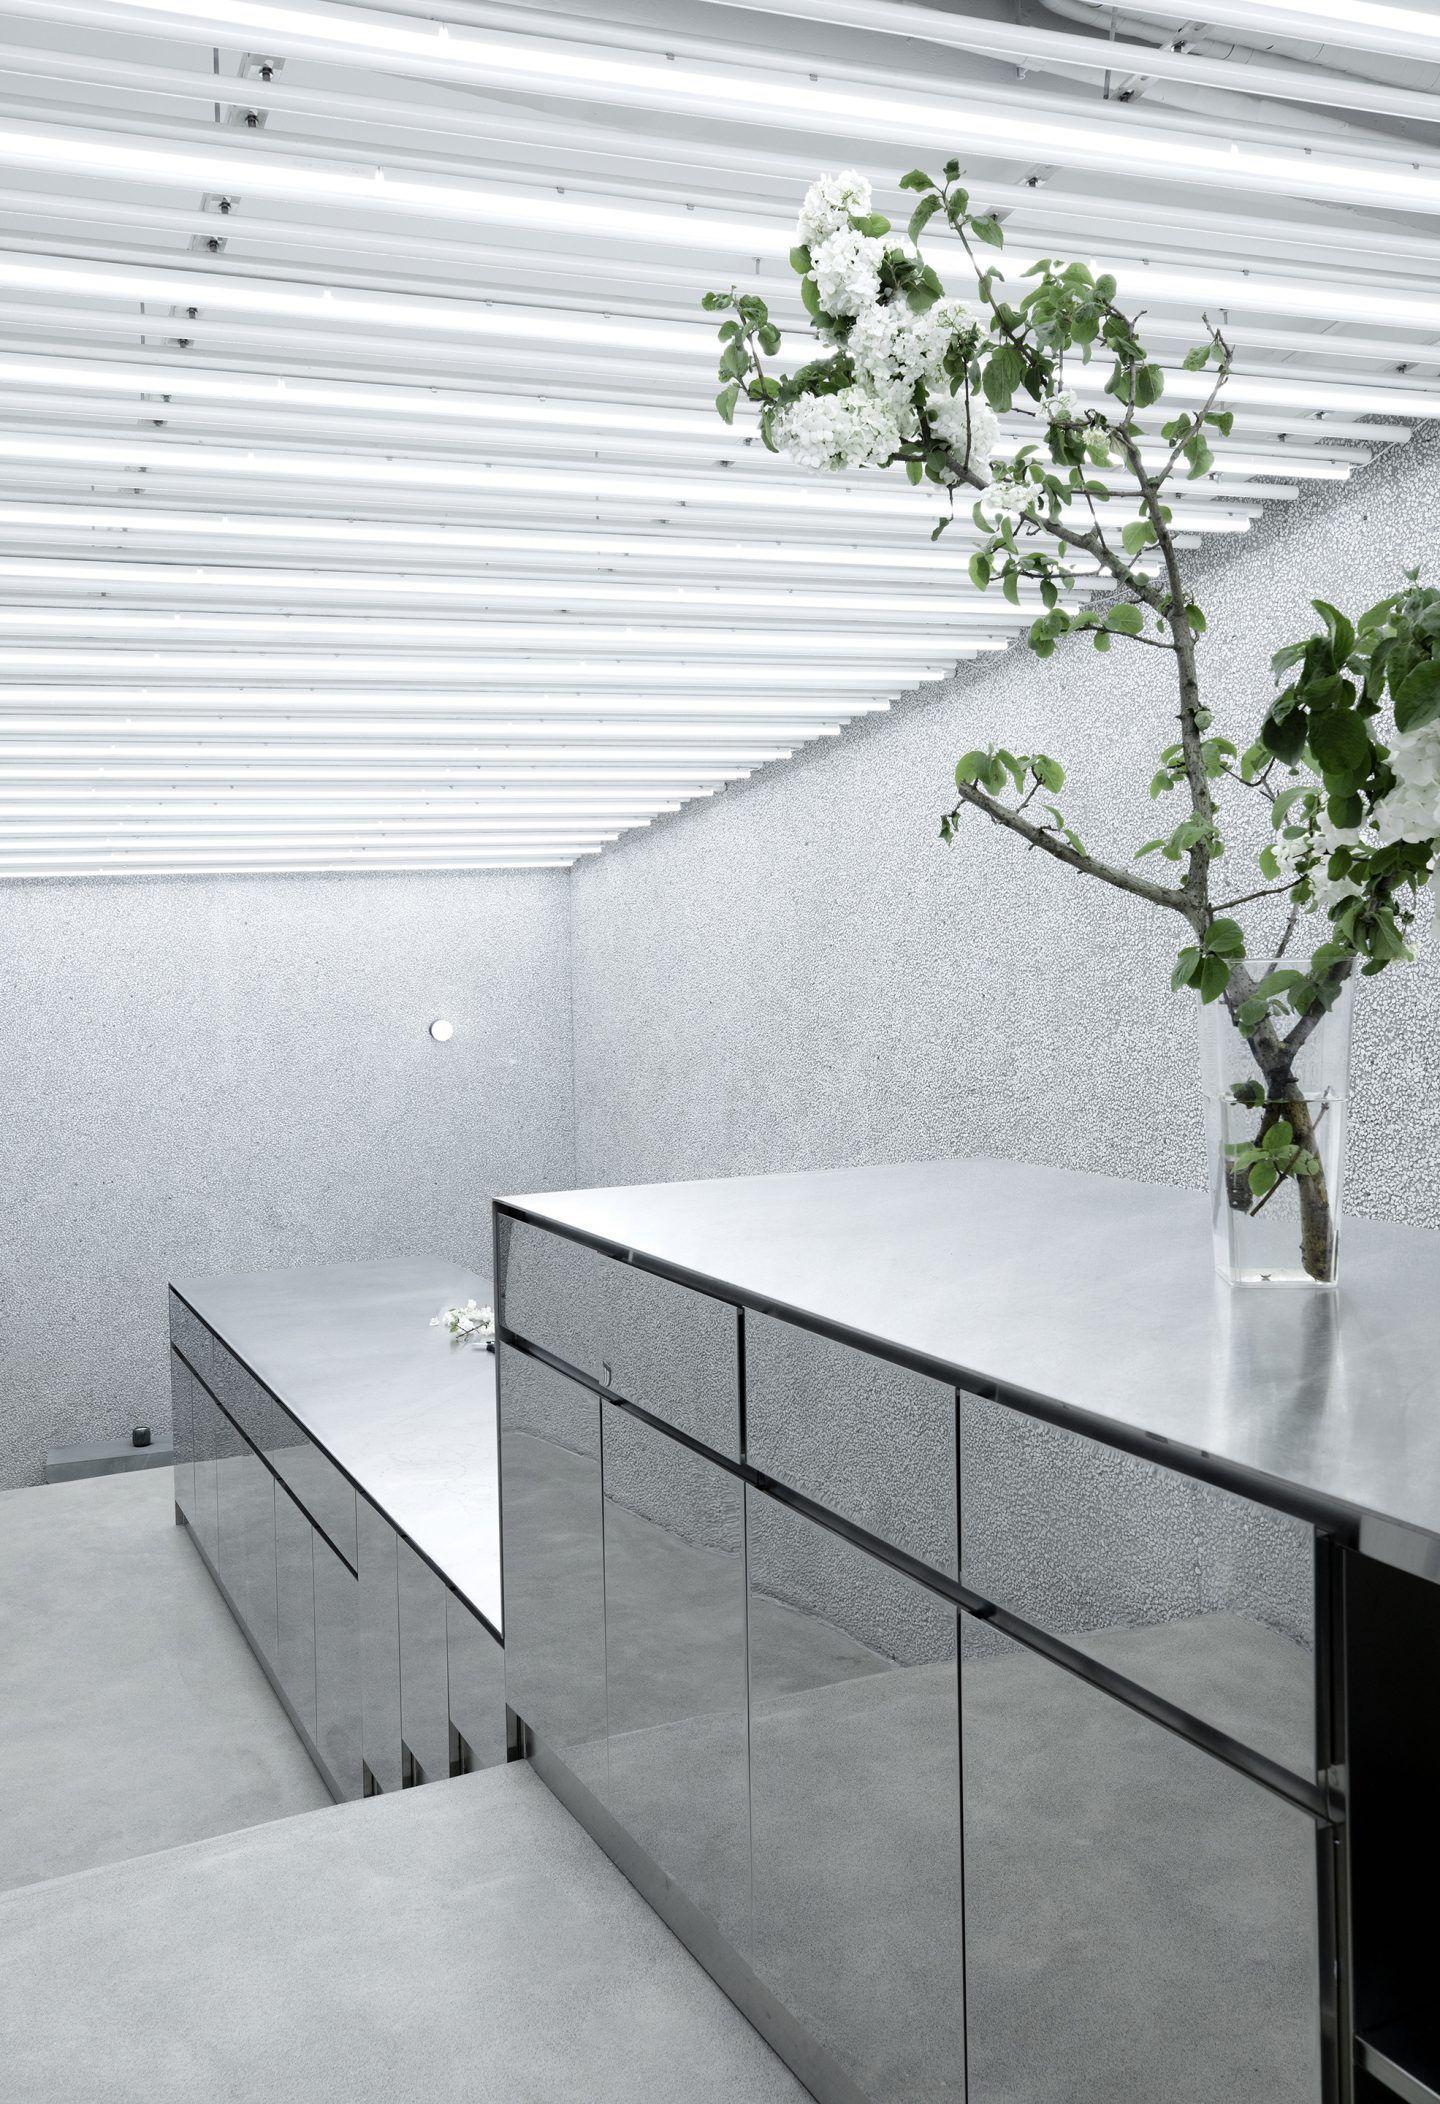 IGNANT-Architecture-0321studio-11